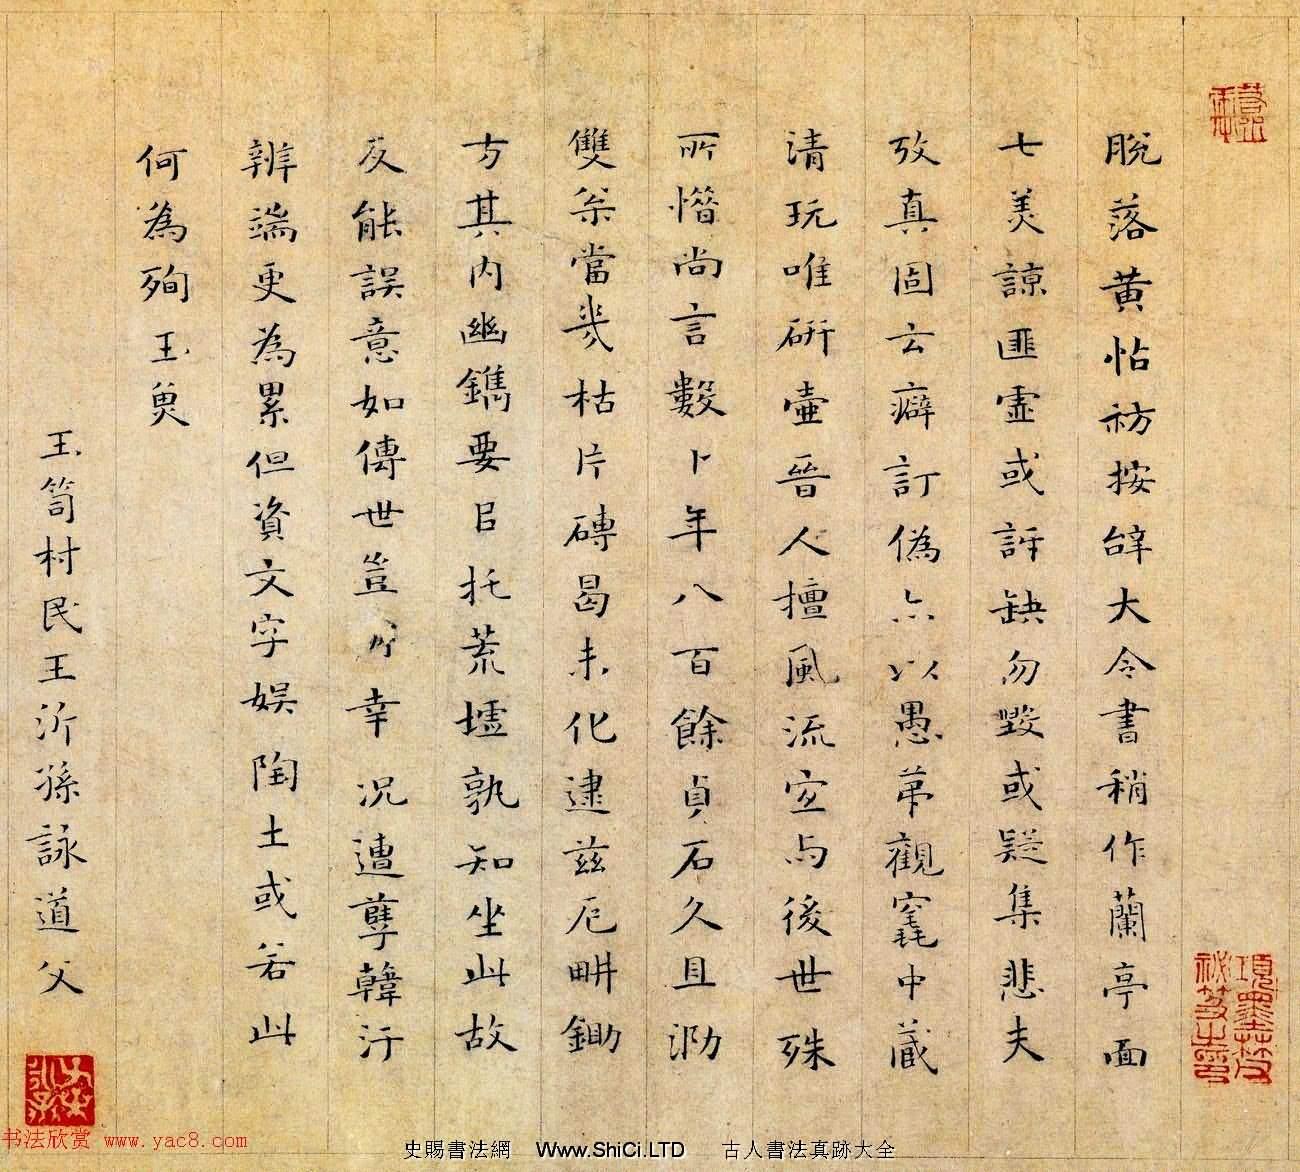 南宋末年詞人王沂孫題詩小楷墨跡(共4張圖片)